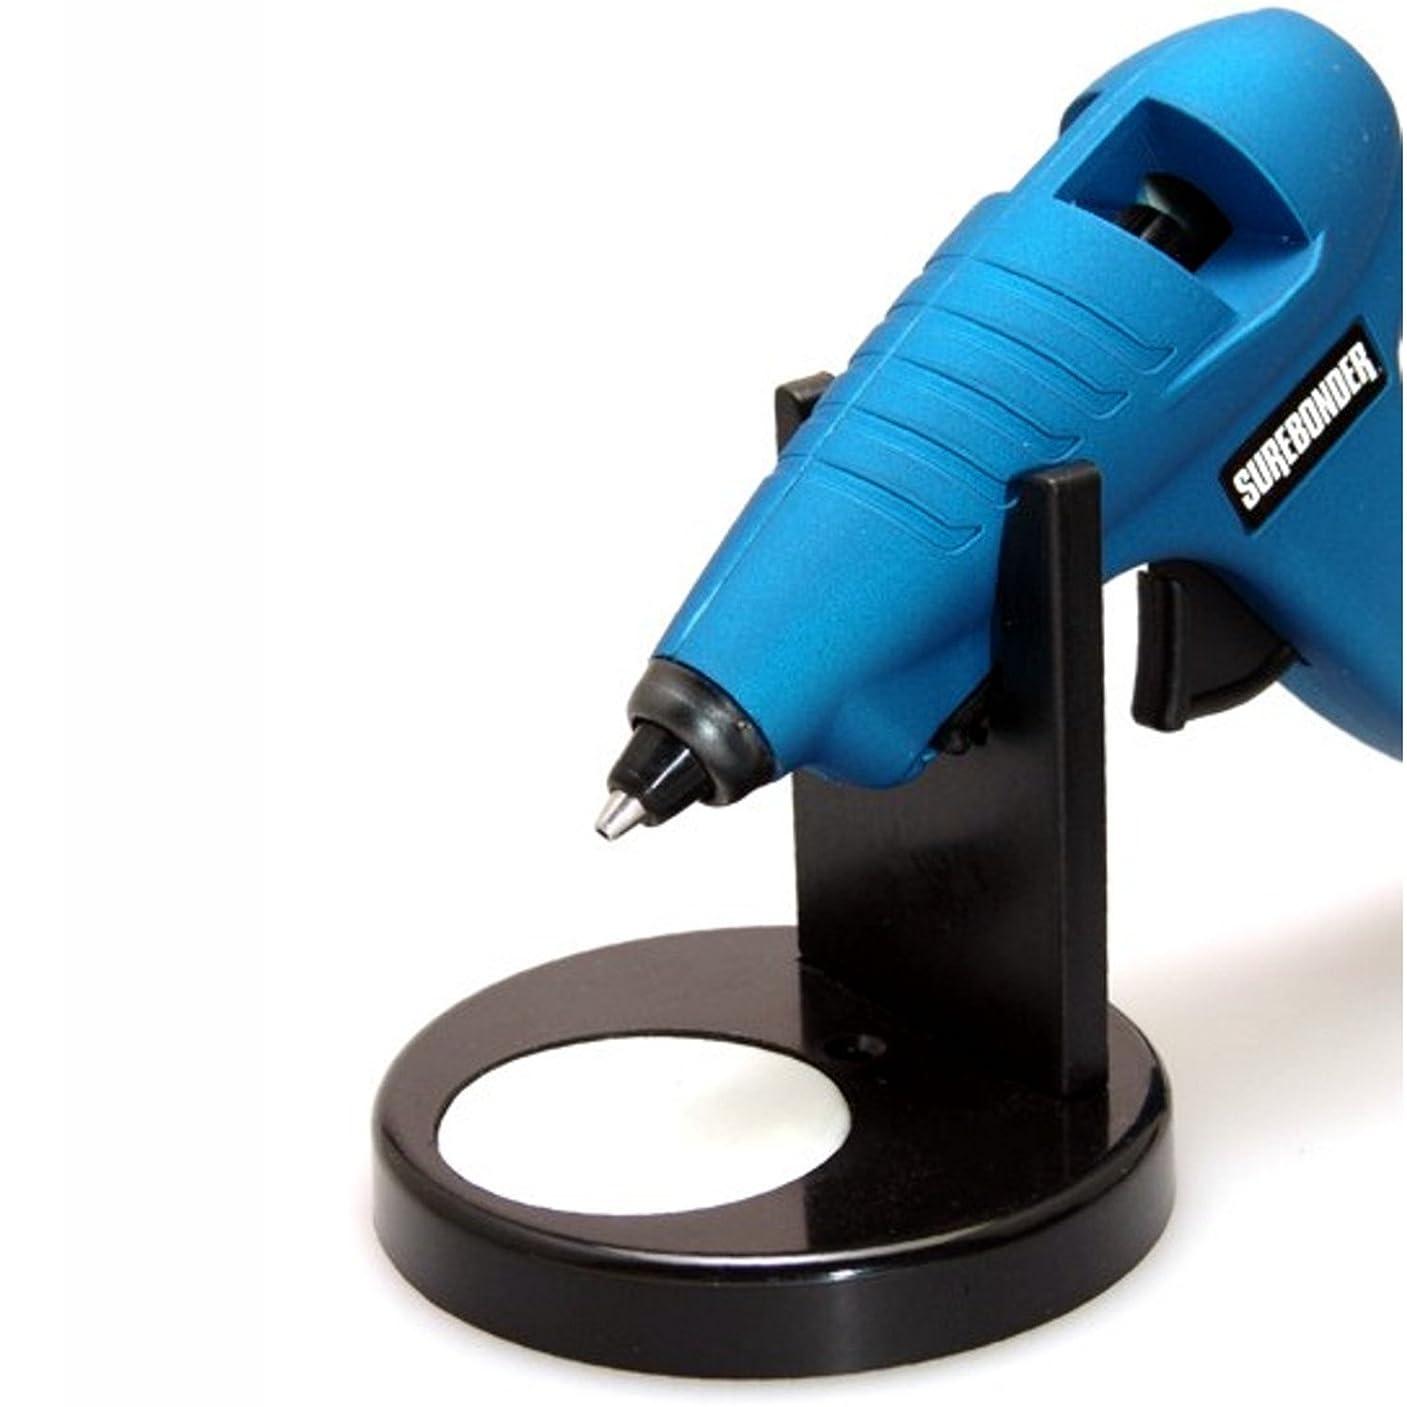 告発申込み日常的にPORAXY グルースティック 透明材質 速乾接着剤 ホットメルト 強力粘着 7mm*100mm 溶融グルースティック グルーガン/高温ボンドガン/ピタガン替え用 DIY工具 大容量200本入(クリア)